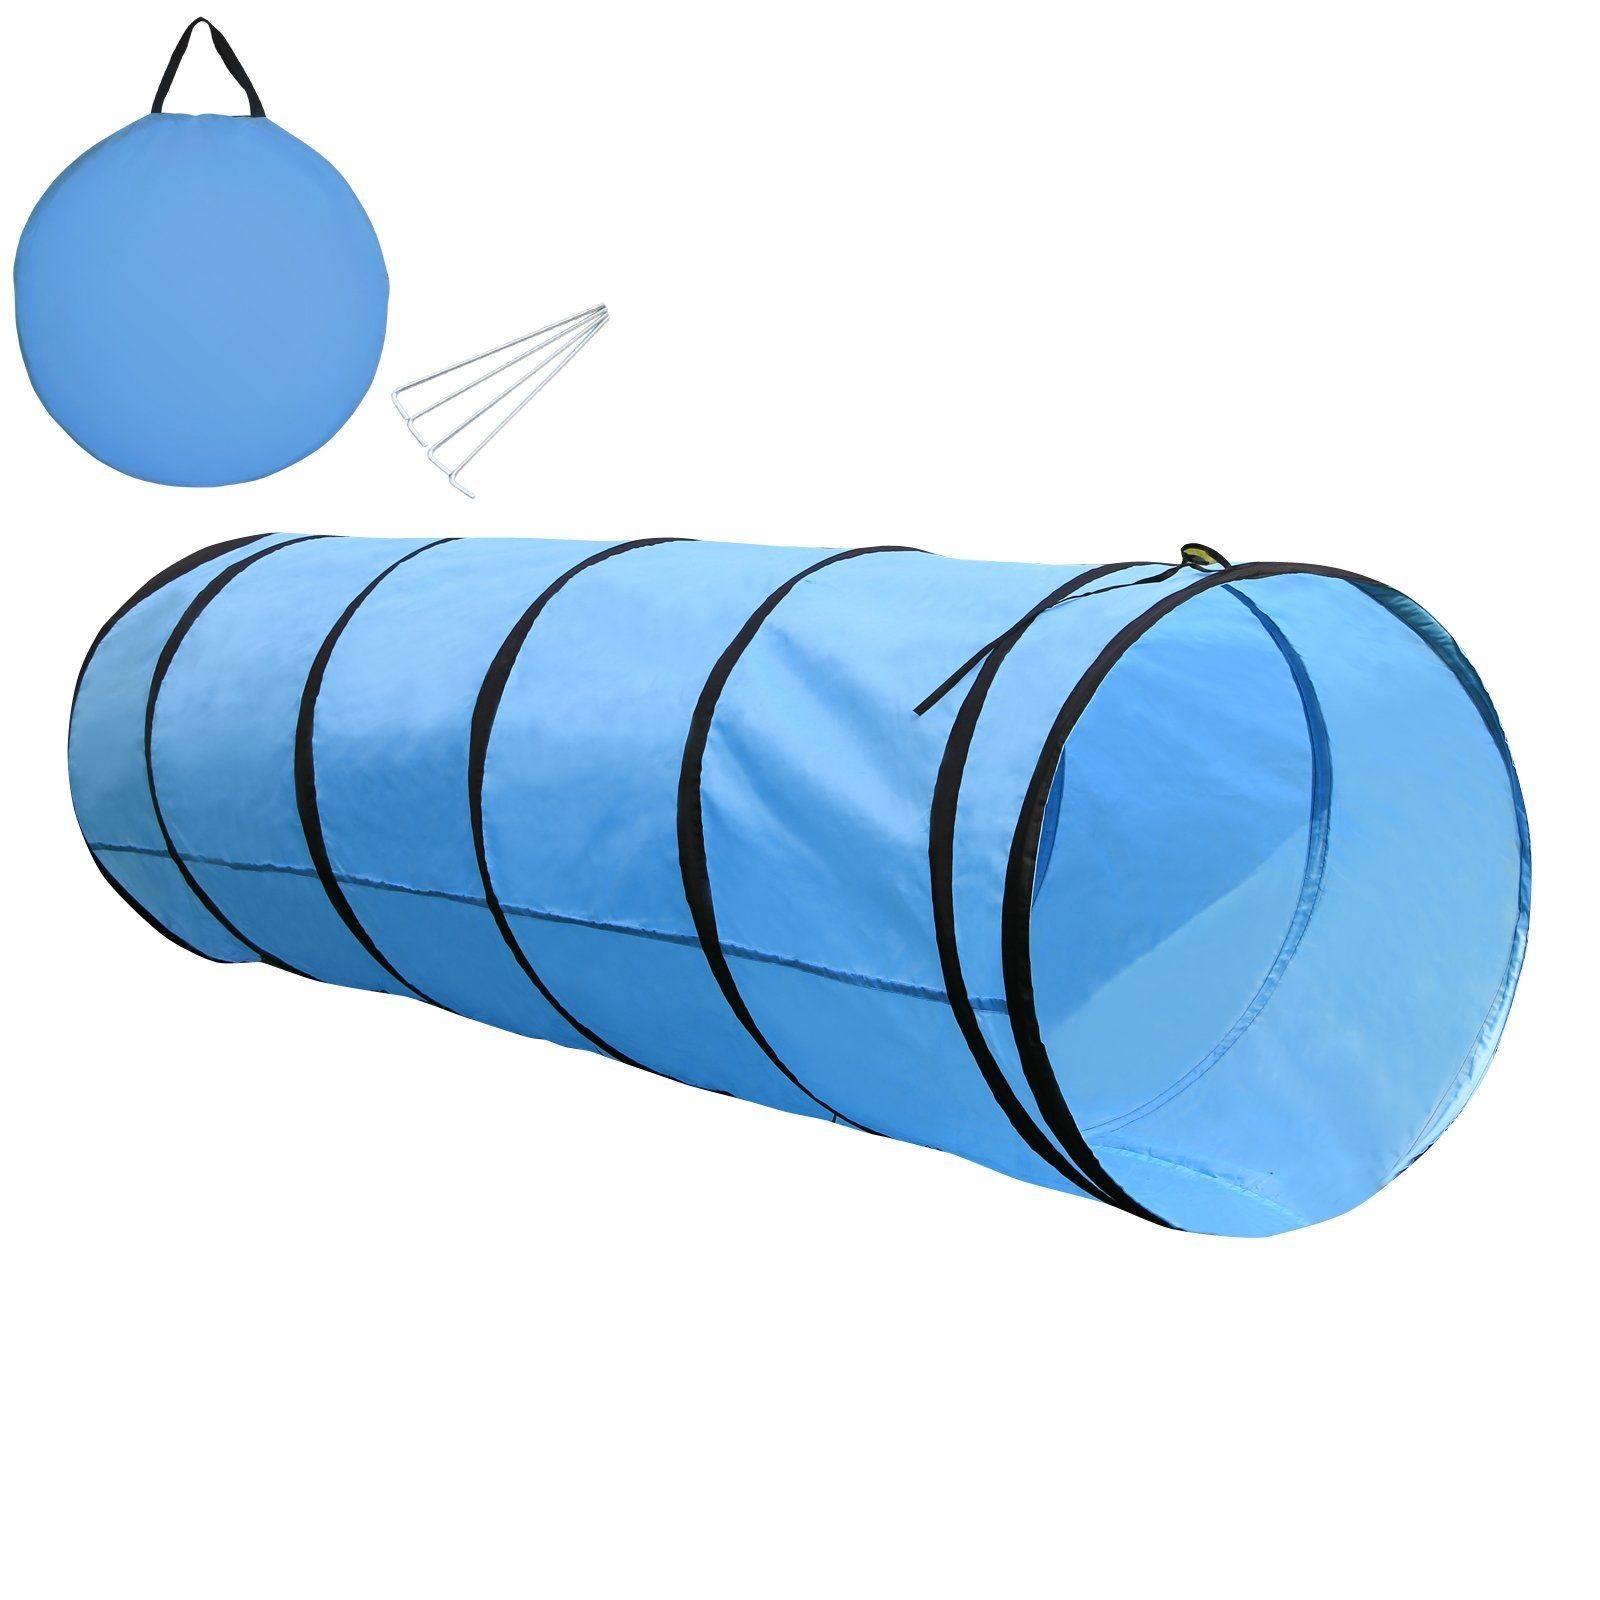 Tunel pro psa - závod agility, výcvik psa, modrý 200x60cm